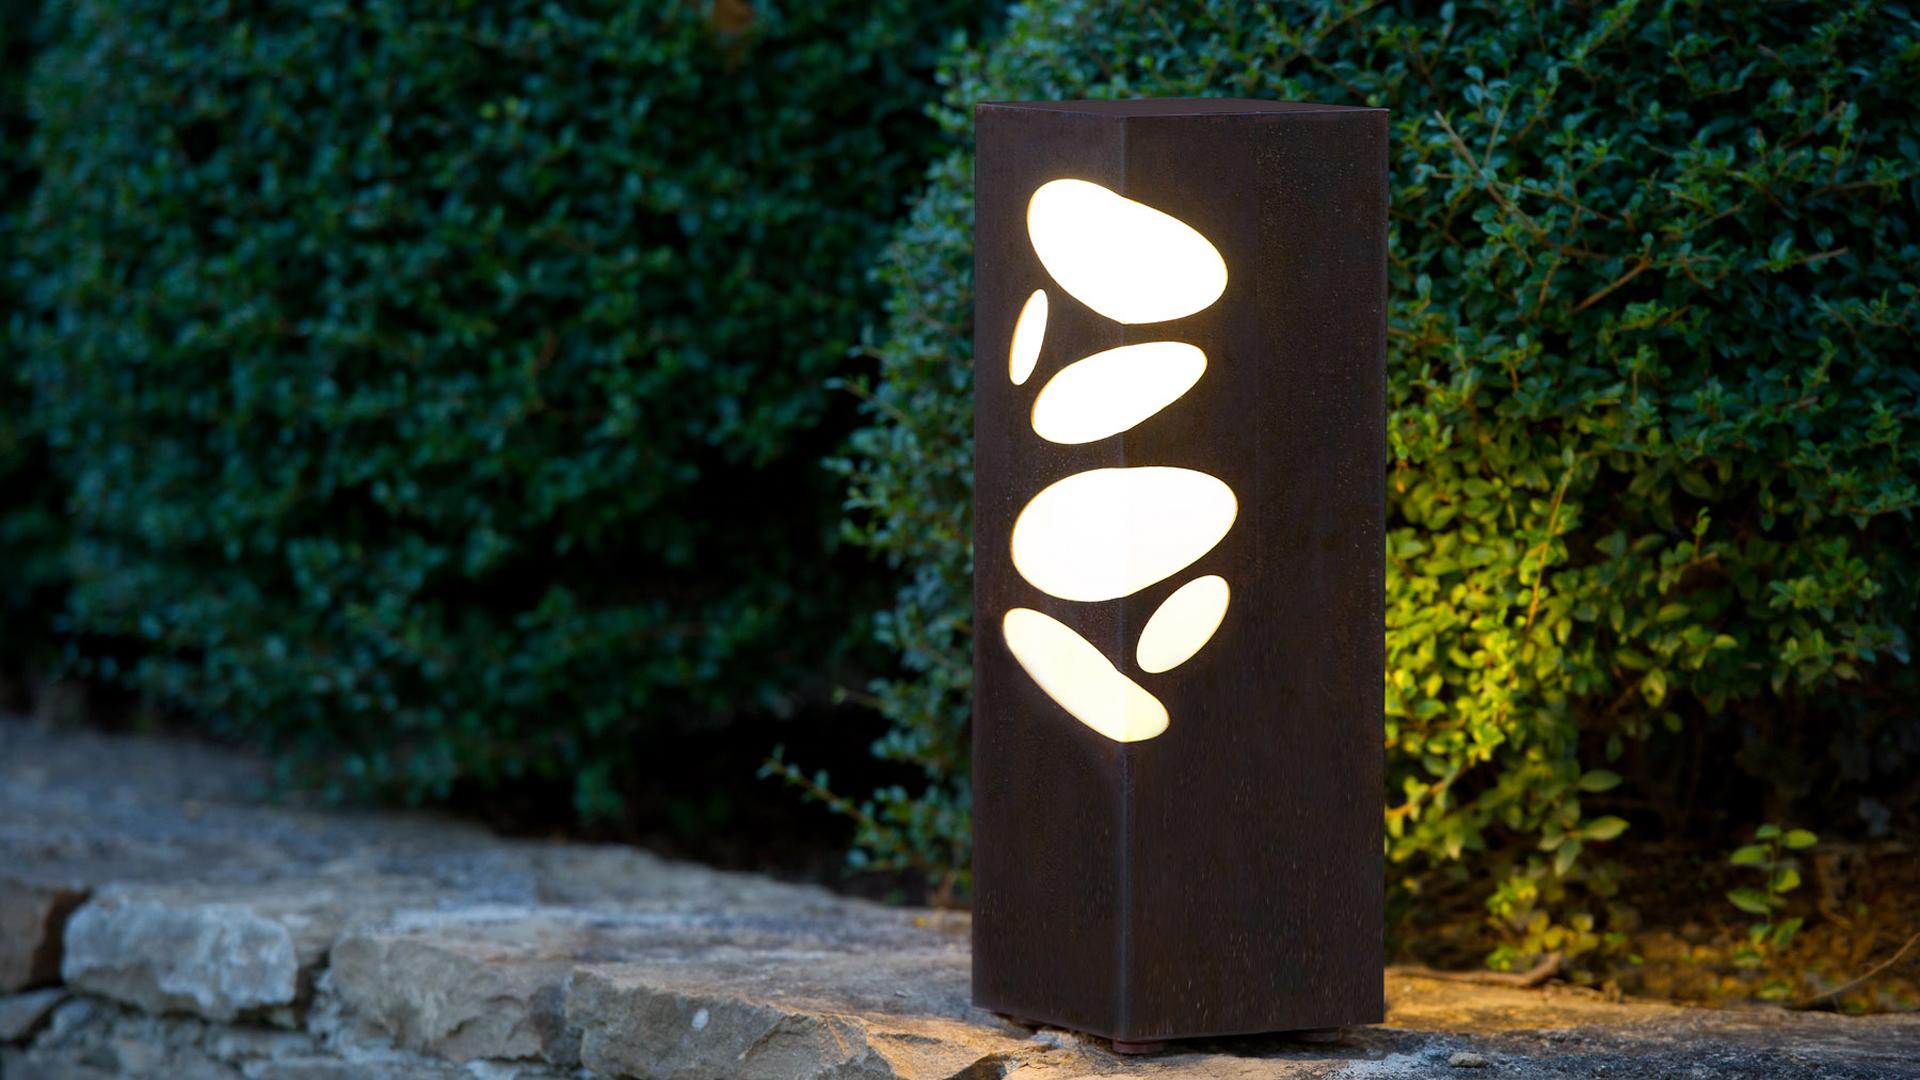 Borne lumineuse LED en acier inoxydable, rouille Corten ou gris anthracite. Cette borne lumineuse extérieure LED permet un éclairage performant et original avec ses motifs lumineux galets. La borne extérieure lumineuse LED BN 011 s'adapte à tout type d'environnement et est idéale pour l'éclairage d'allée, l'éclairage de jardin, le balisage de chemin. Comme toutes les bornes lumineuses d'extérieur LYX Luminaires, bornes solaires ou bornes extérieures LED, la borne lumineuse extérieure BN 011 est de conception et de fabrication française.